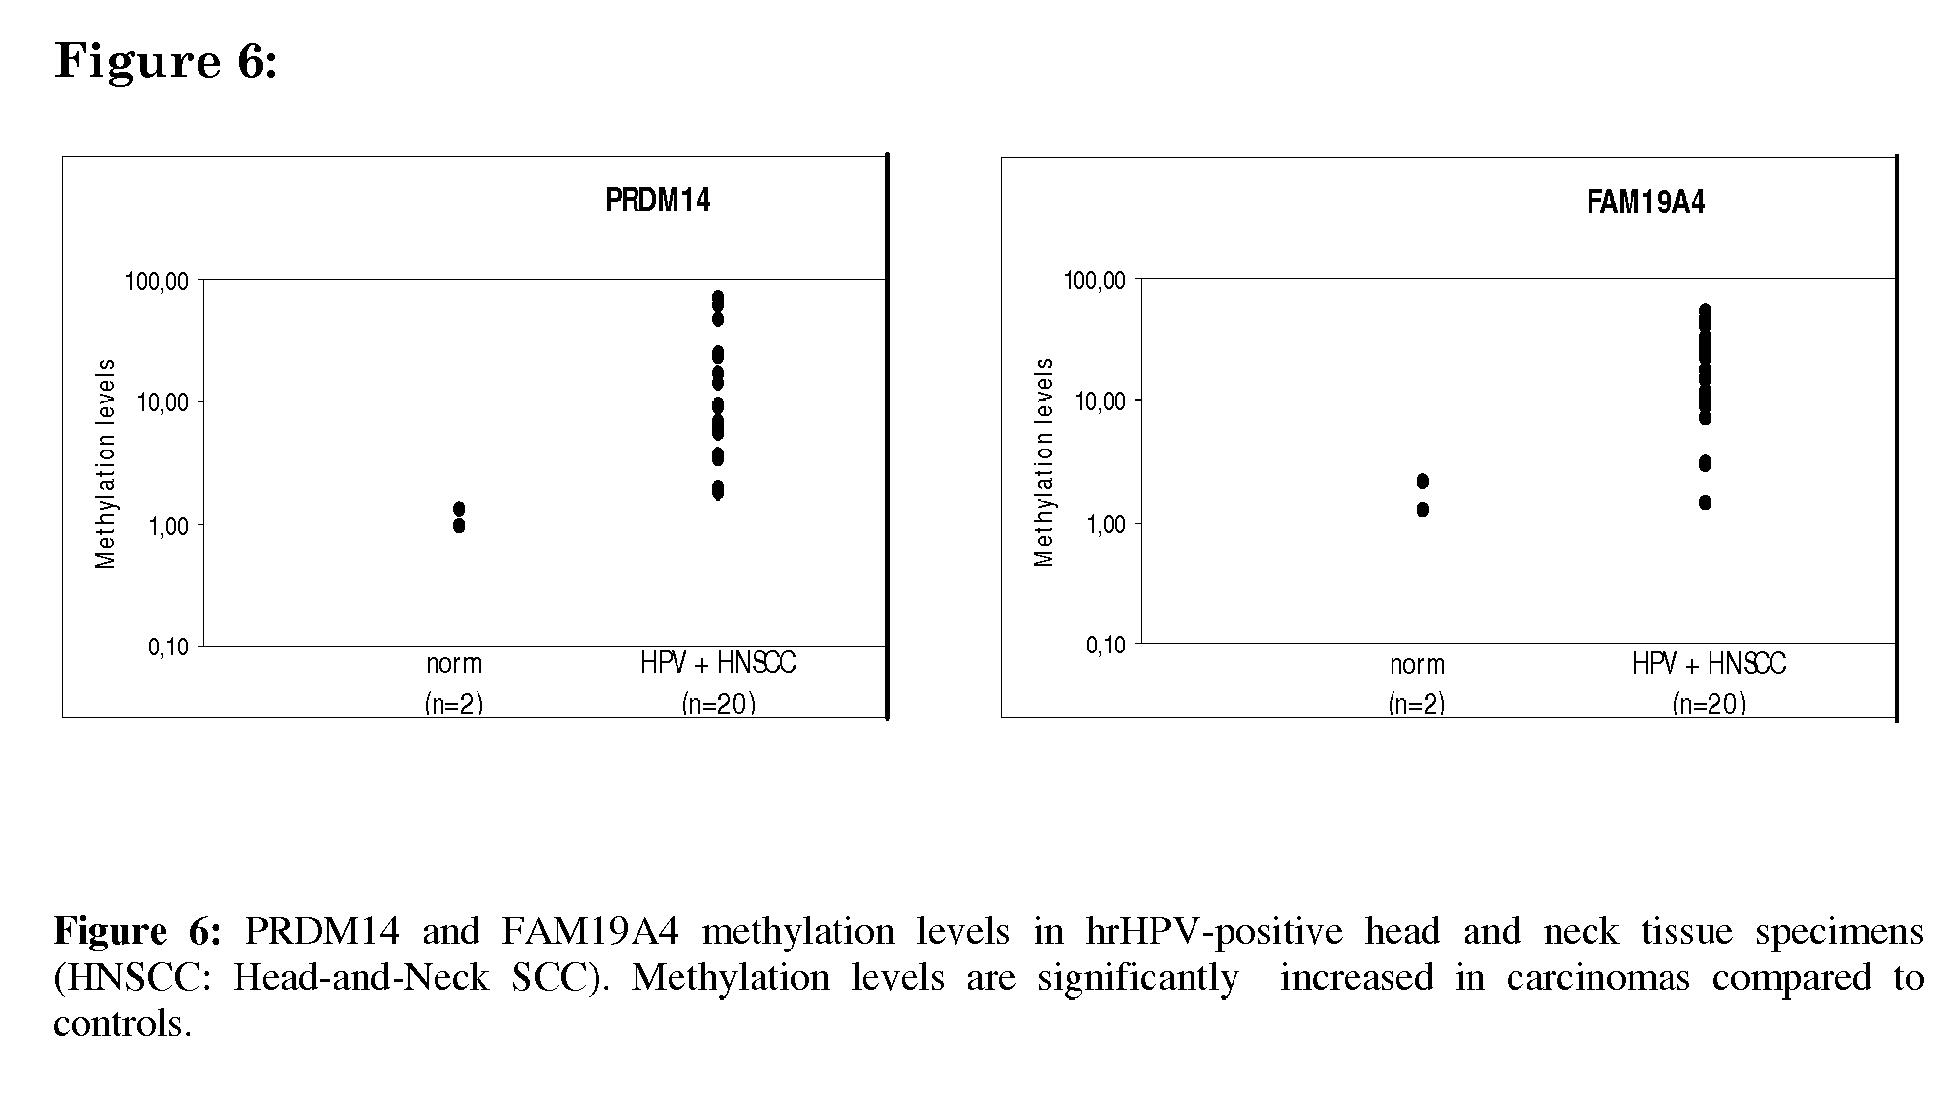 hpv niveau 2 negii pot dispărea